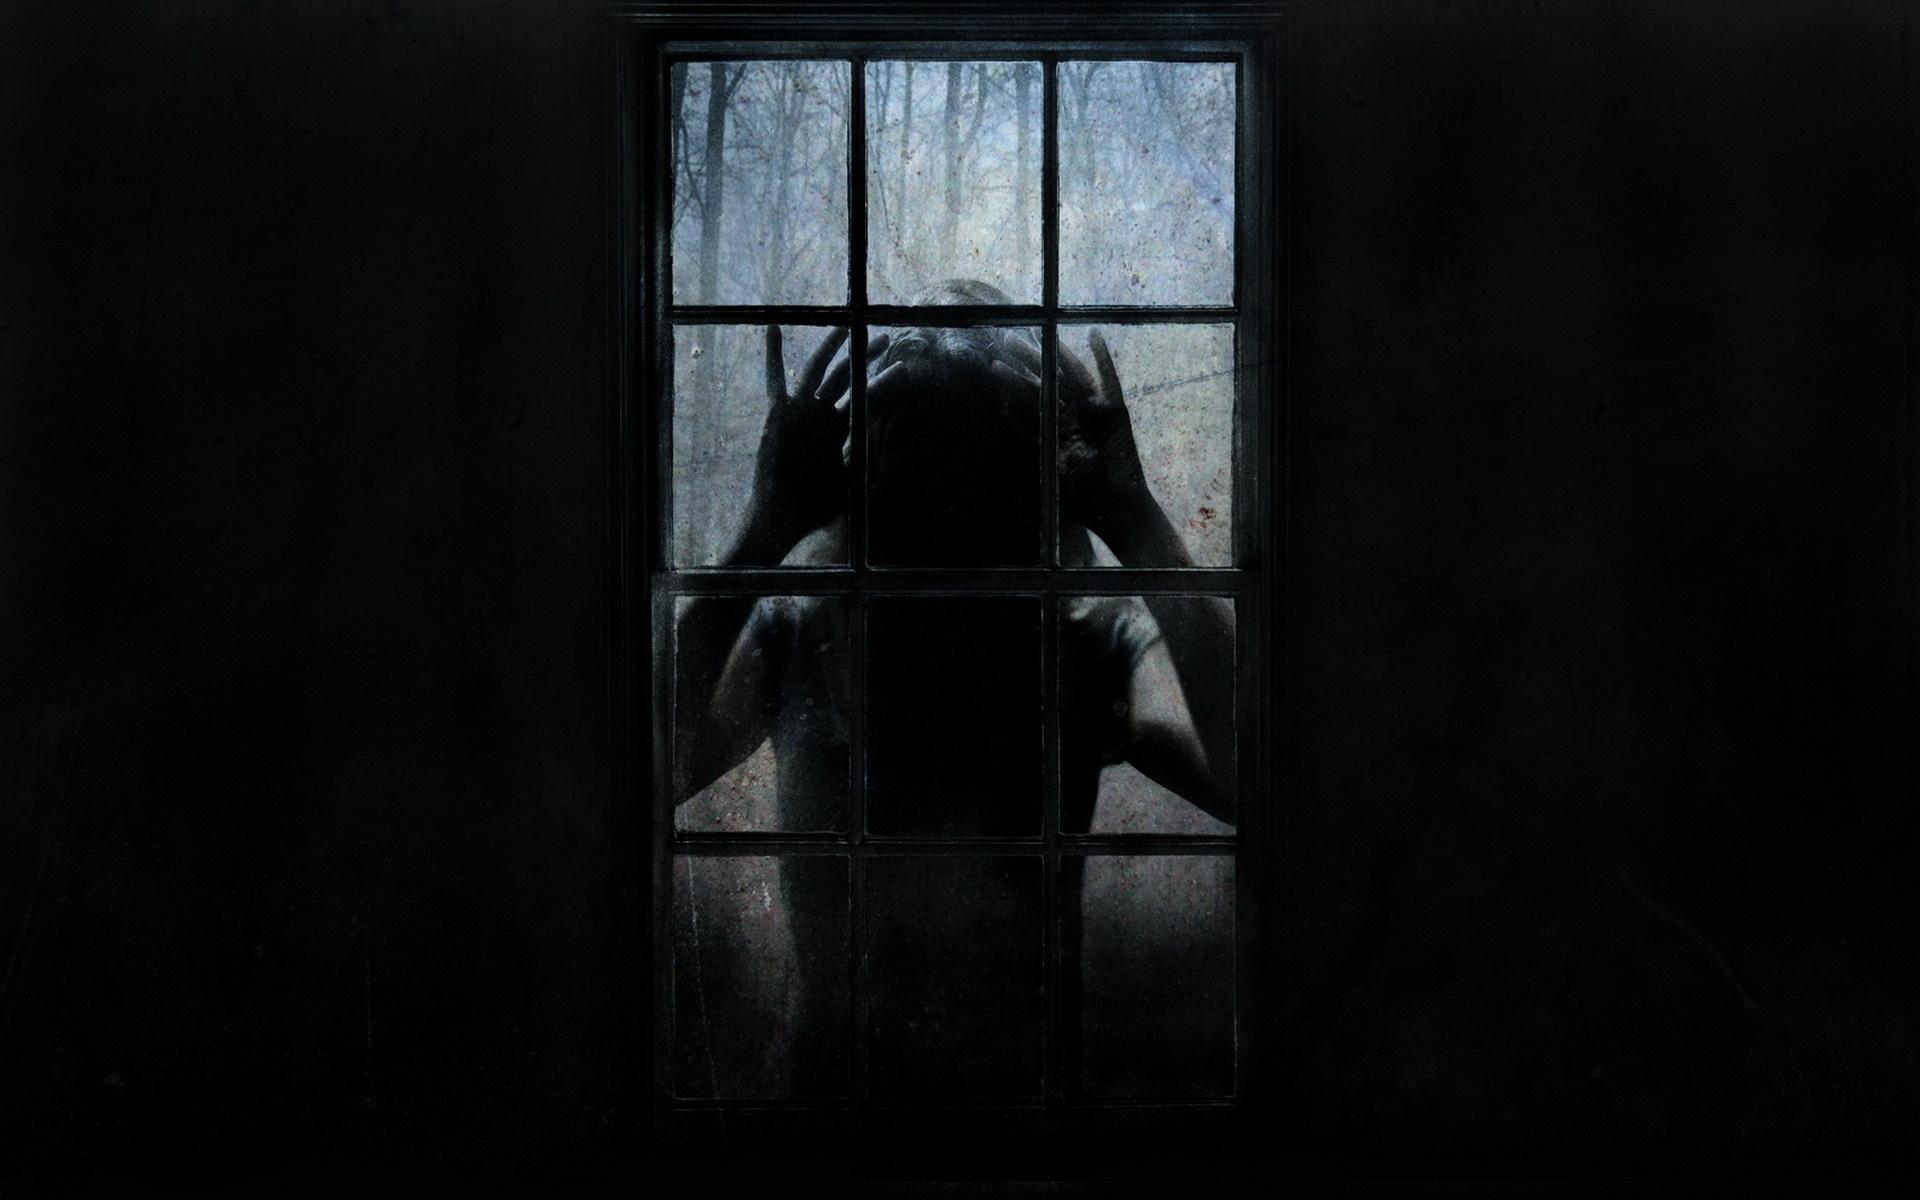 Страх в картинках - Страница 6 Zwalls.ru-2211